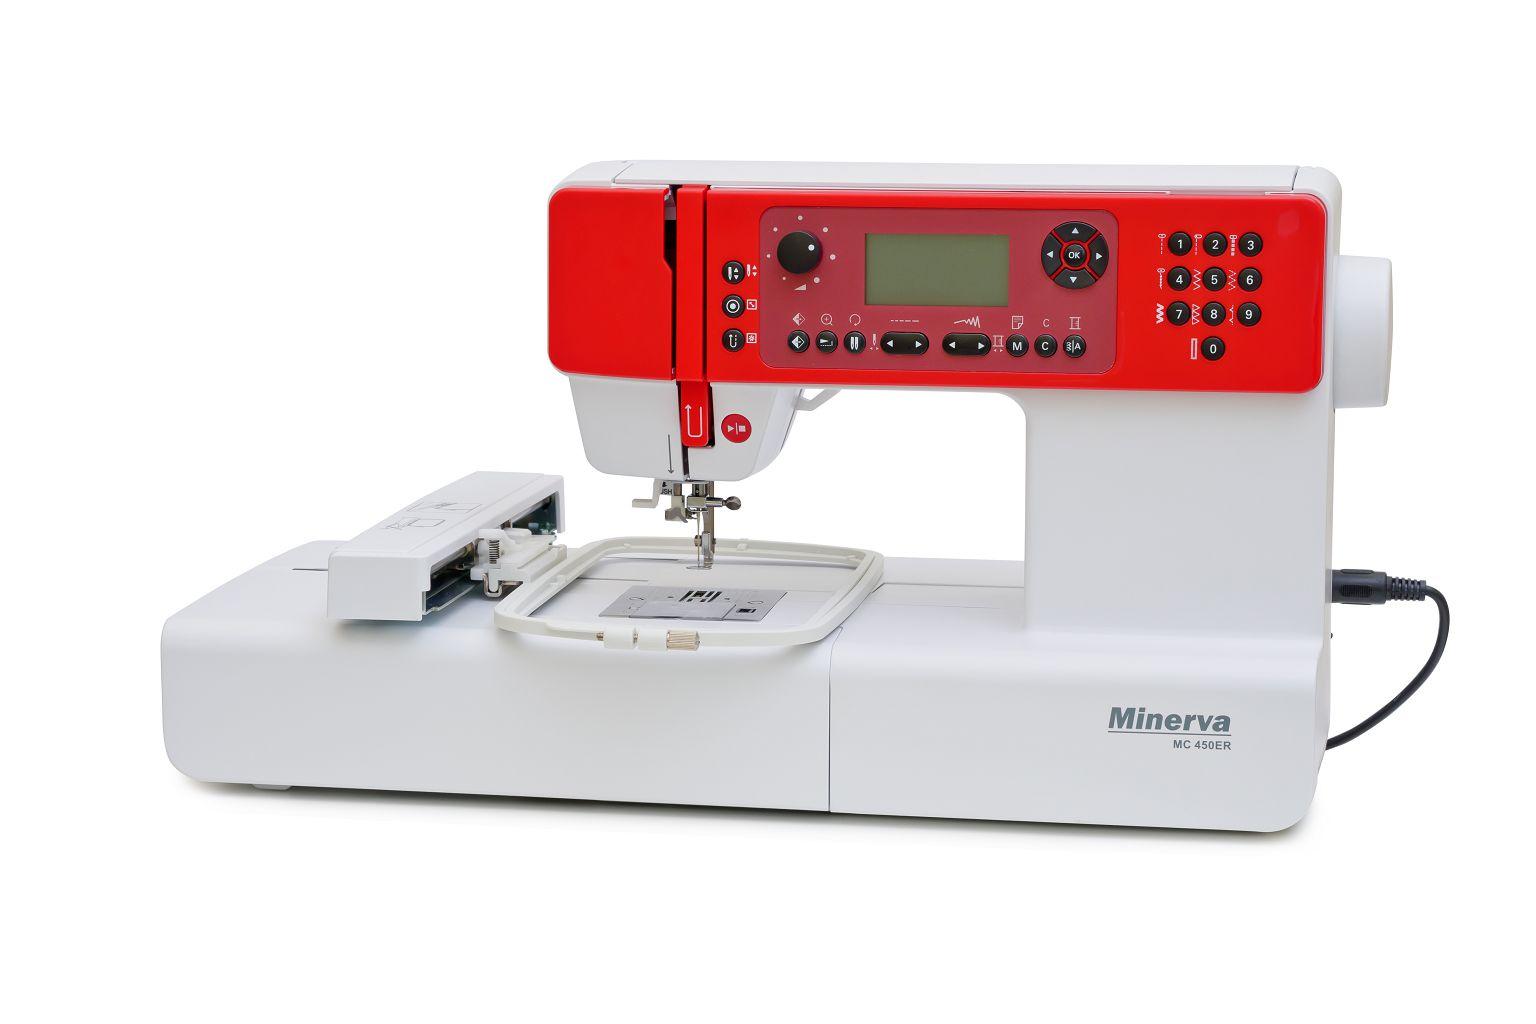 Вышивальная машина Minerva 450ER, белый, красный распошивальная машина minerva cs 1000 pro